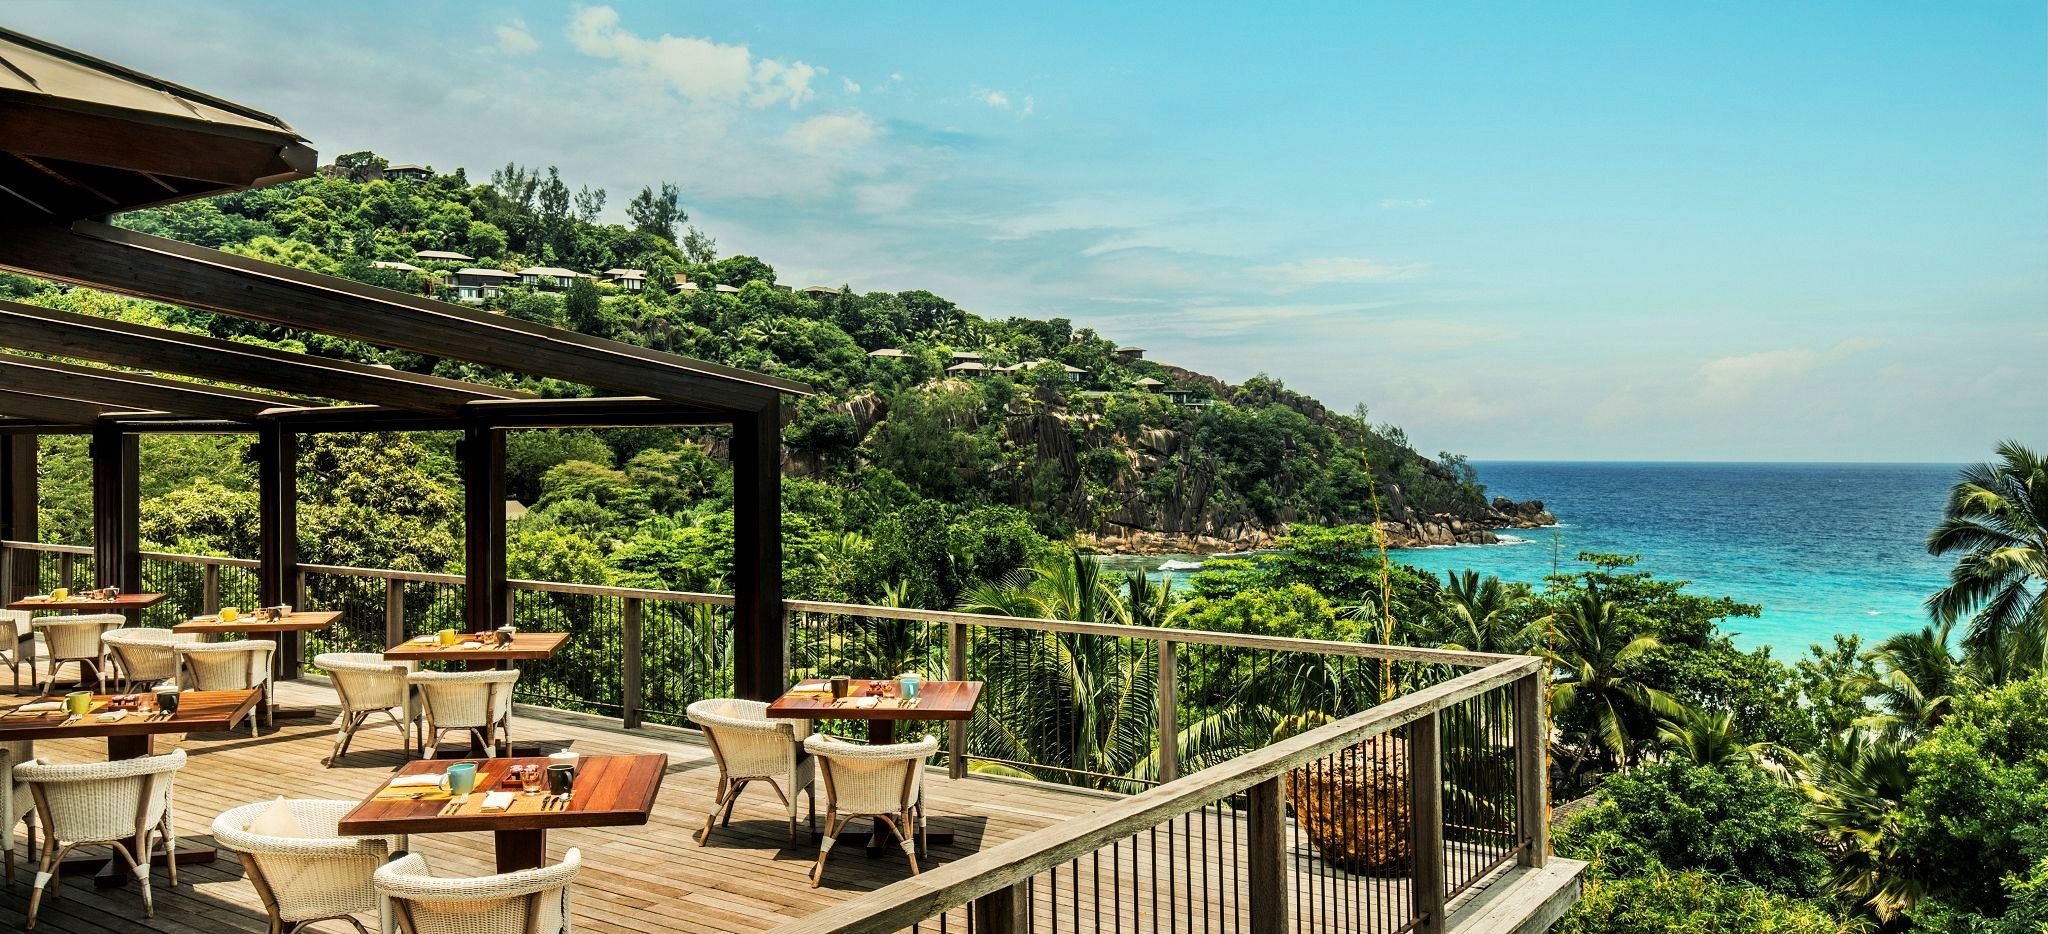 Ein Restaurant im Hotel Four Seasons Resort Seychelles mit Blick auf das Meer über den Dschungel hinweg